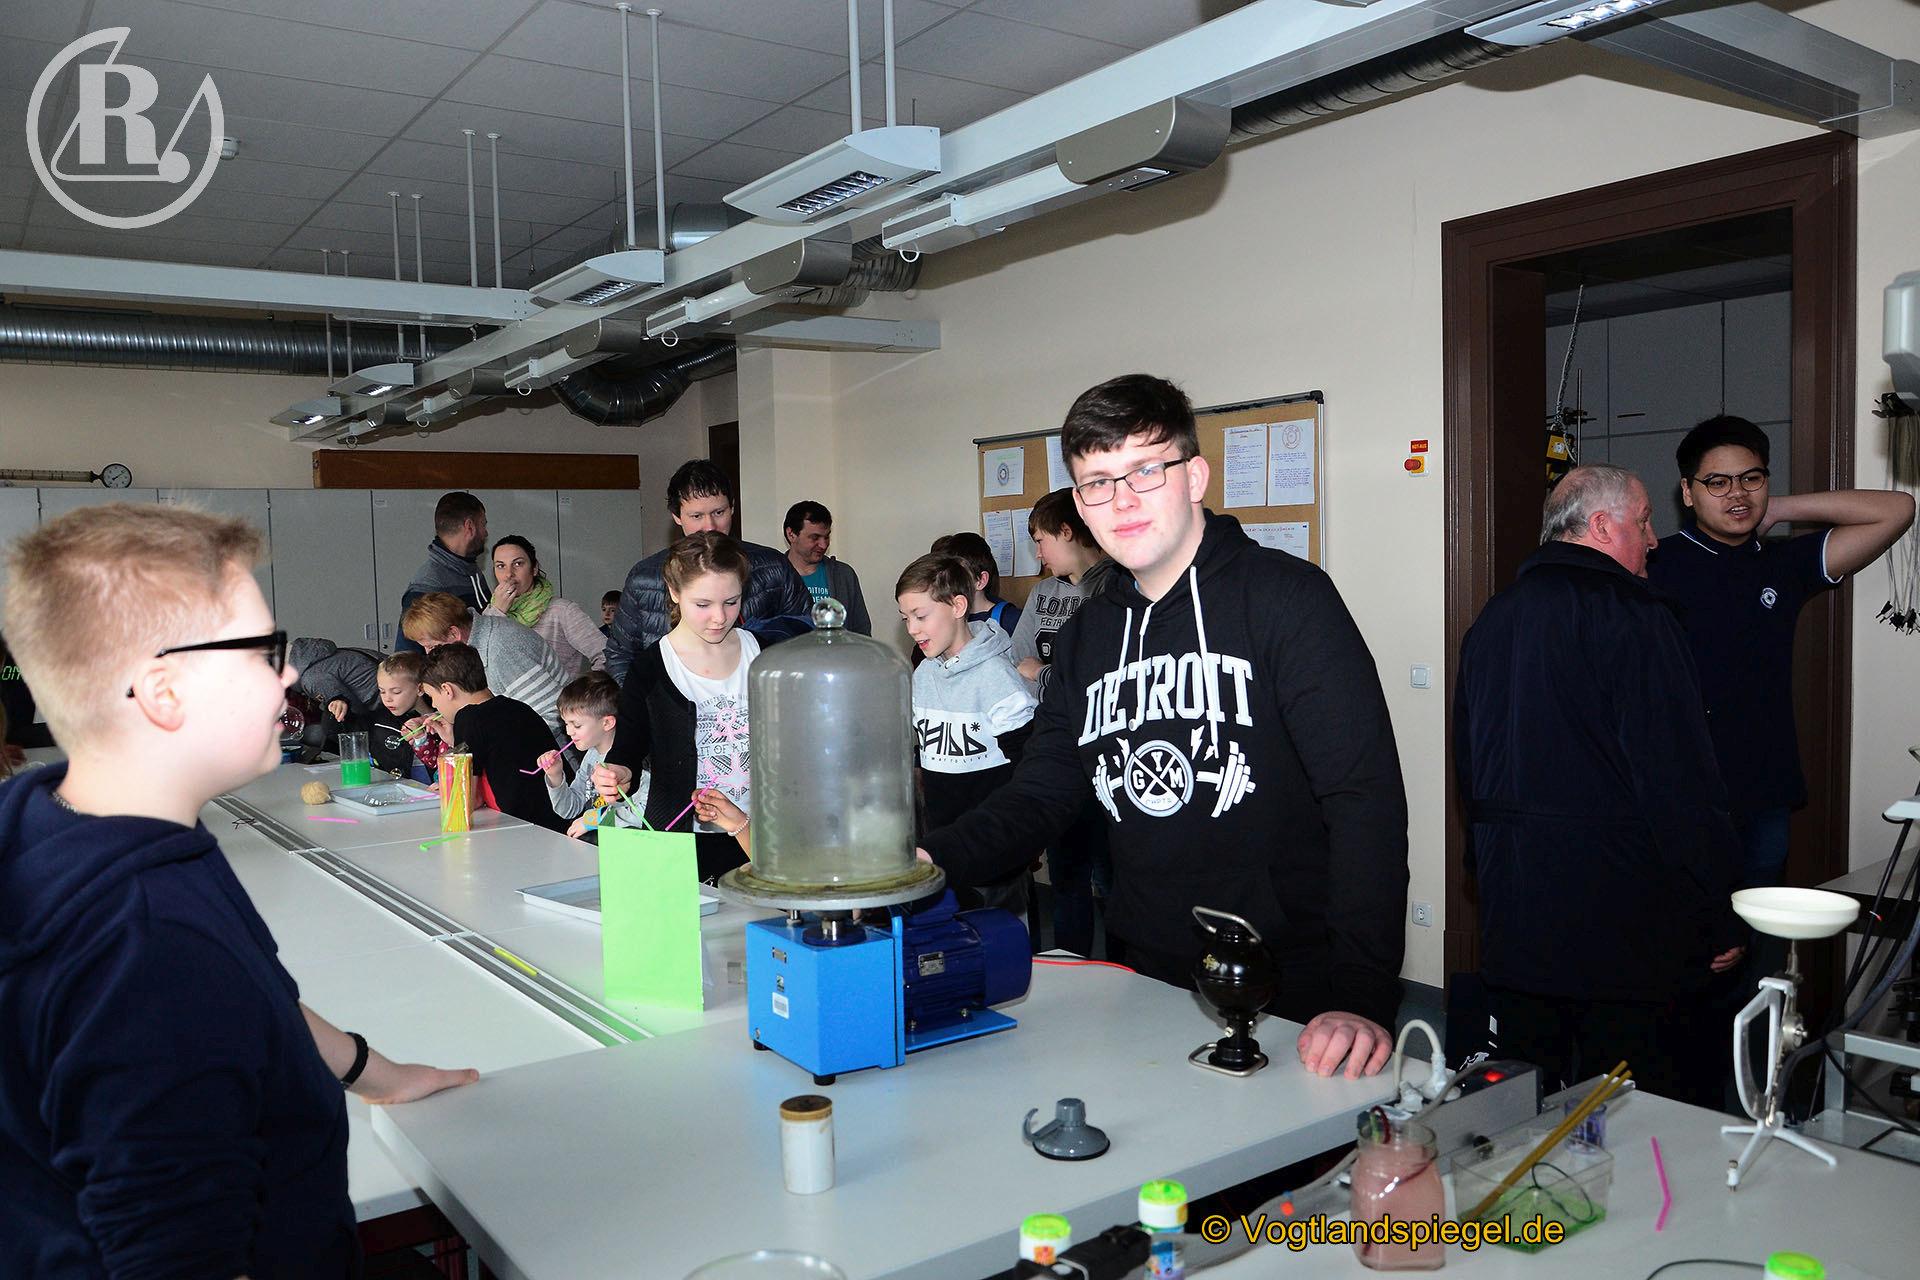 Tag der offenen Tür: Lessingschüler präsentieren sich und ihre Einrichtung